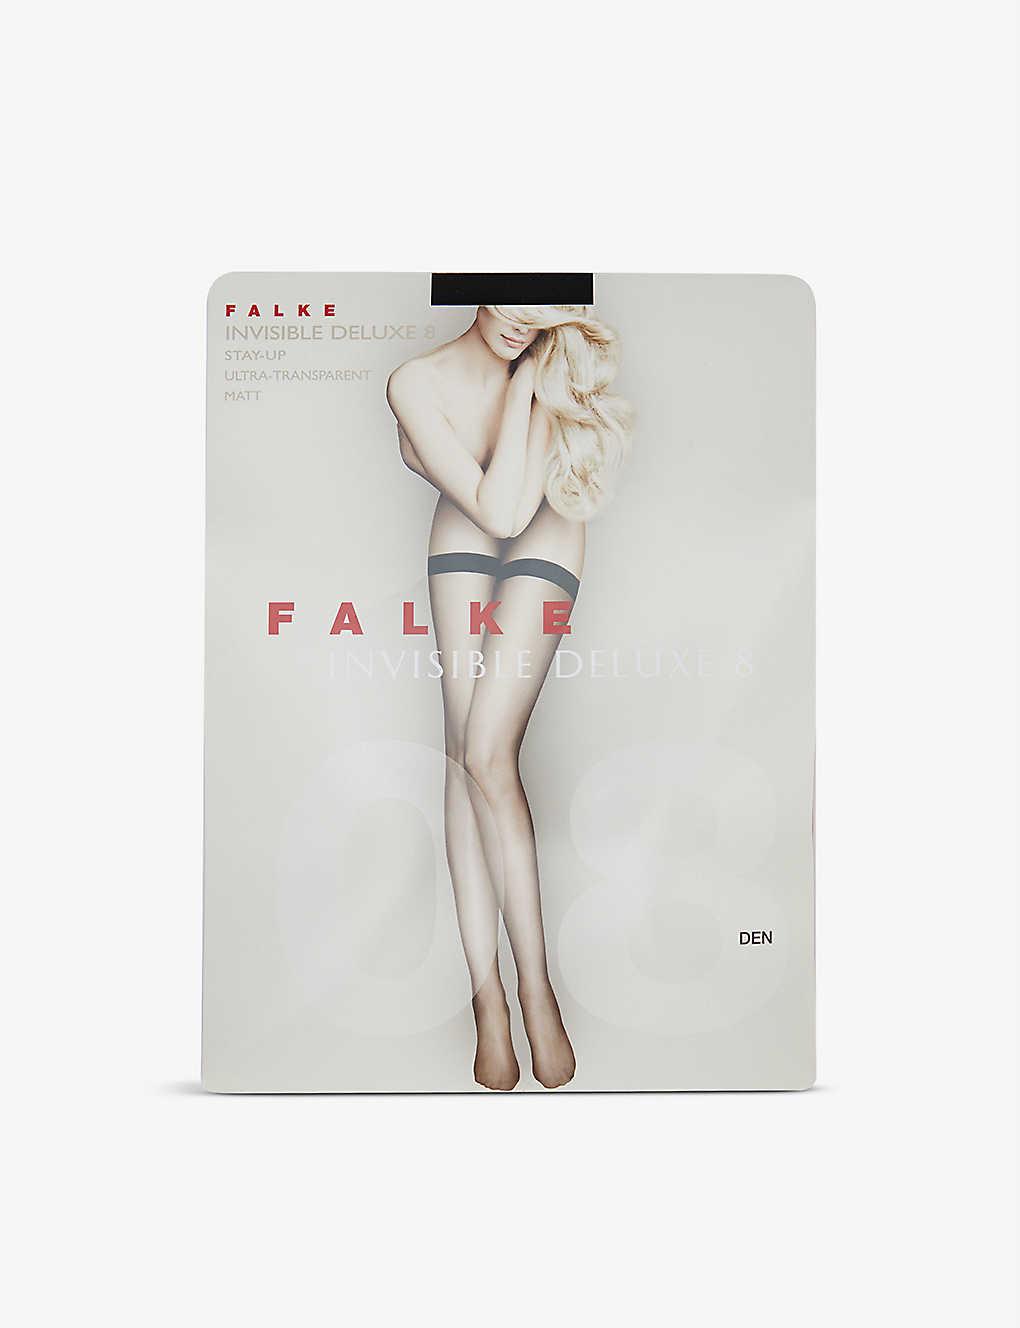 0d45418a2657f FALKE - Invisible Deluxe 8 tights | Selfridges.com